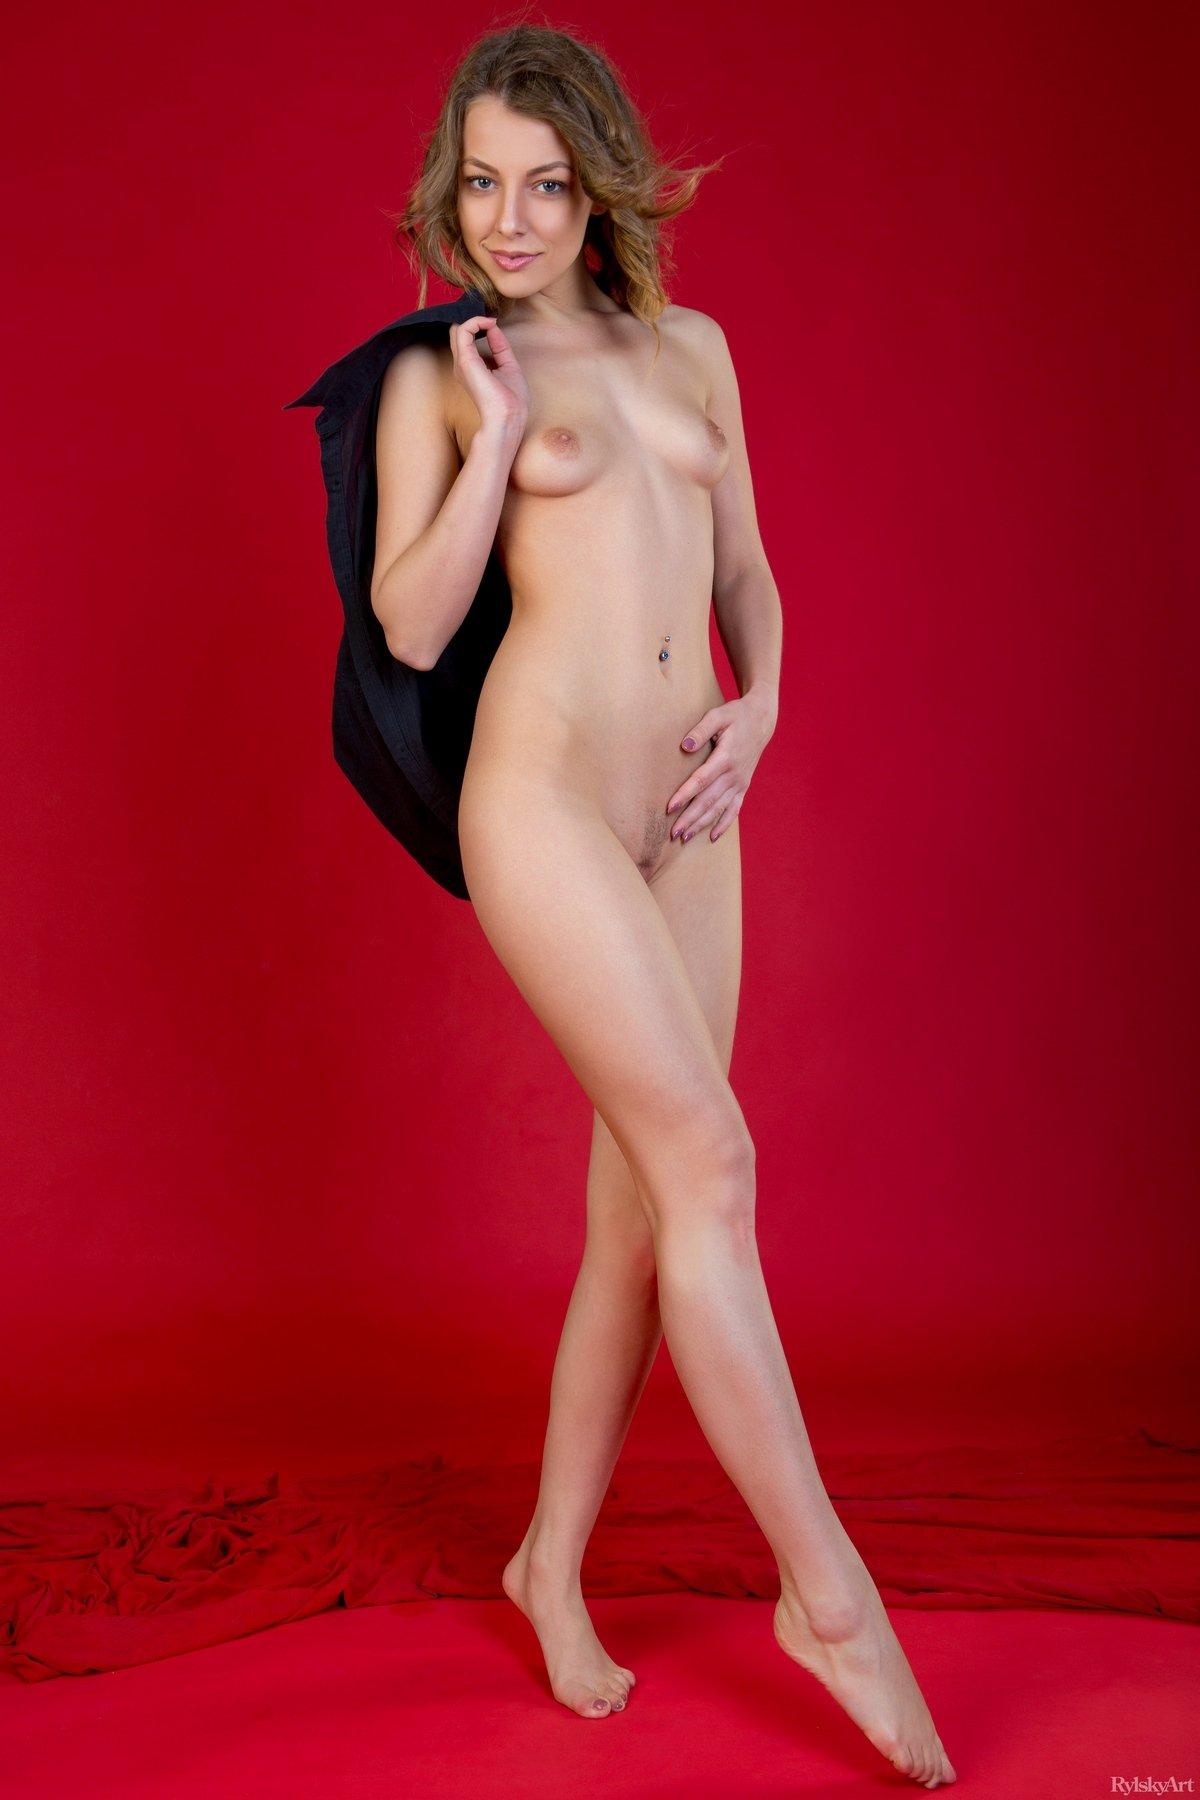 Худая фотомодель Nikia на красном фоне смотреть эротику